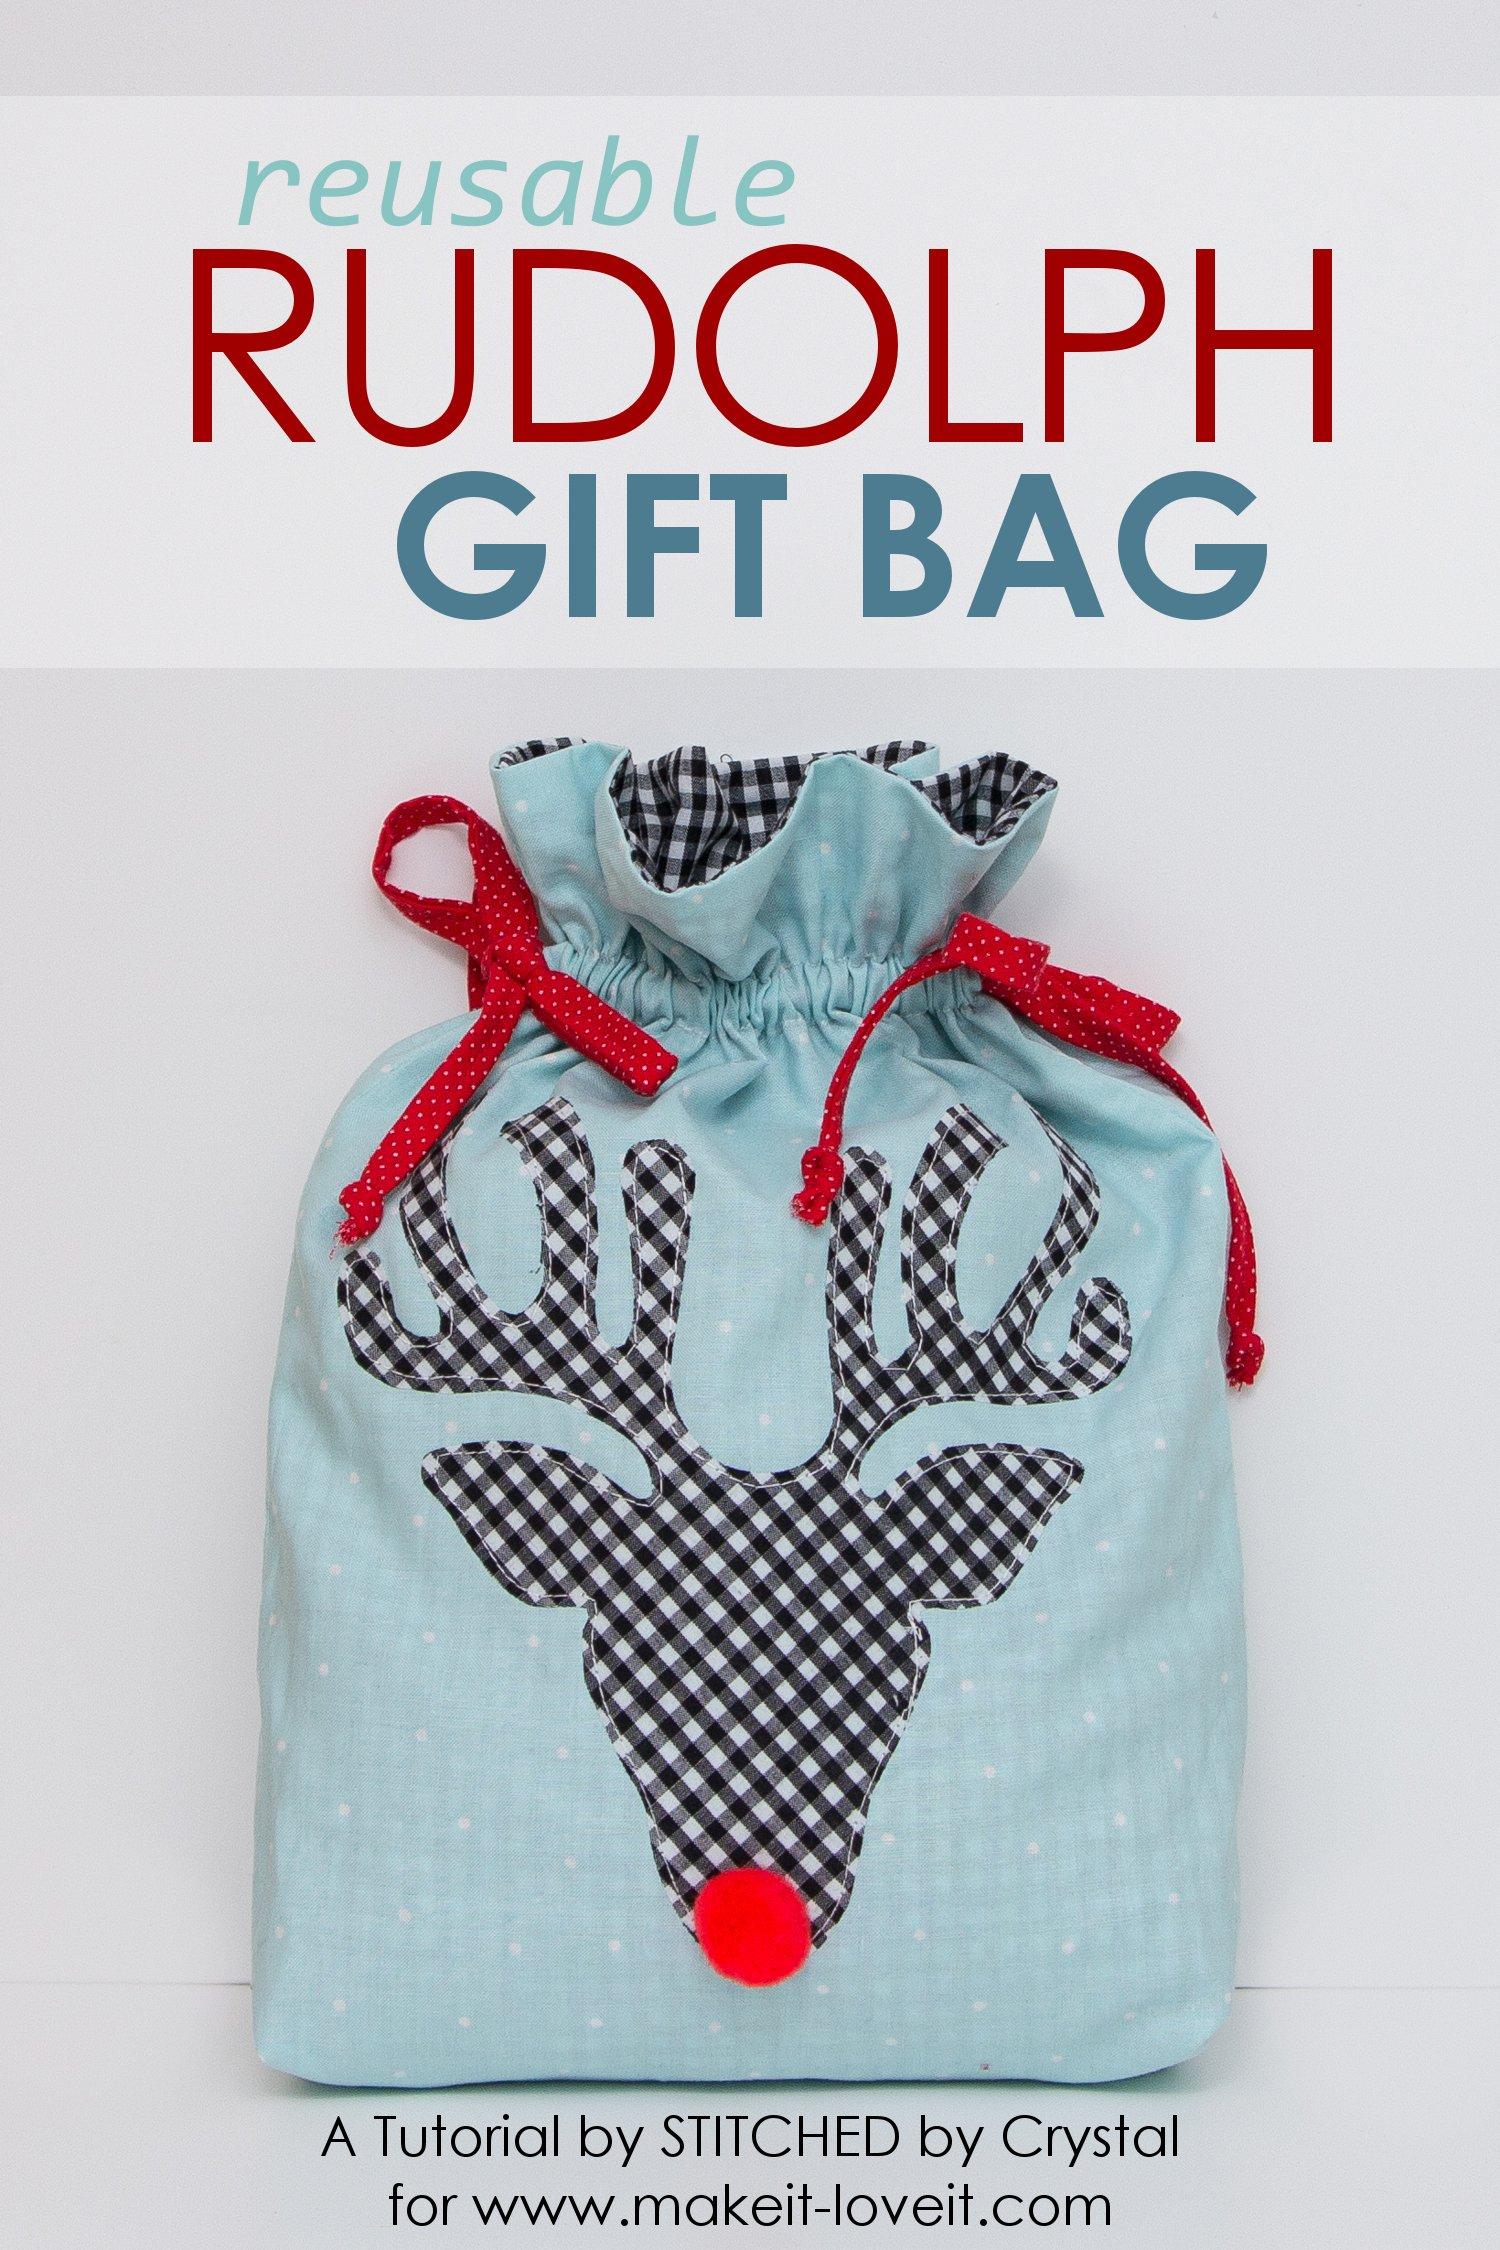 Sew a Reusable Rudolph Gift Bag! | via makeit-loveit.com